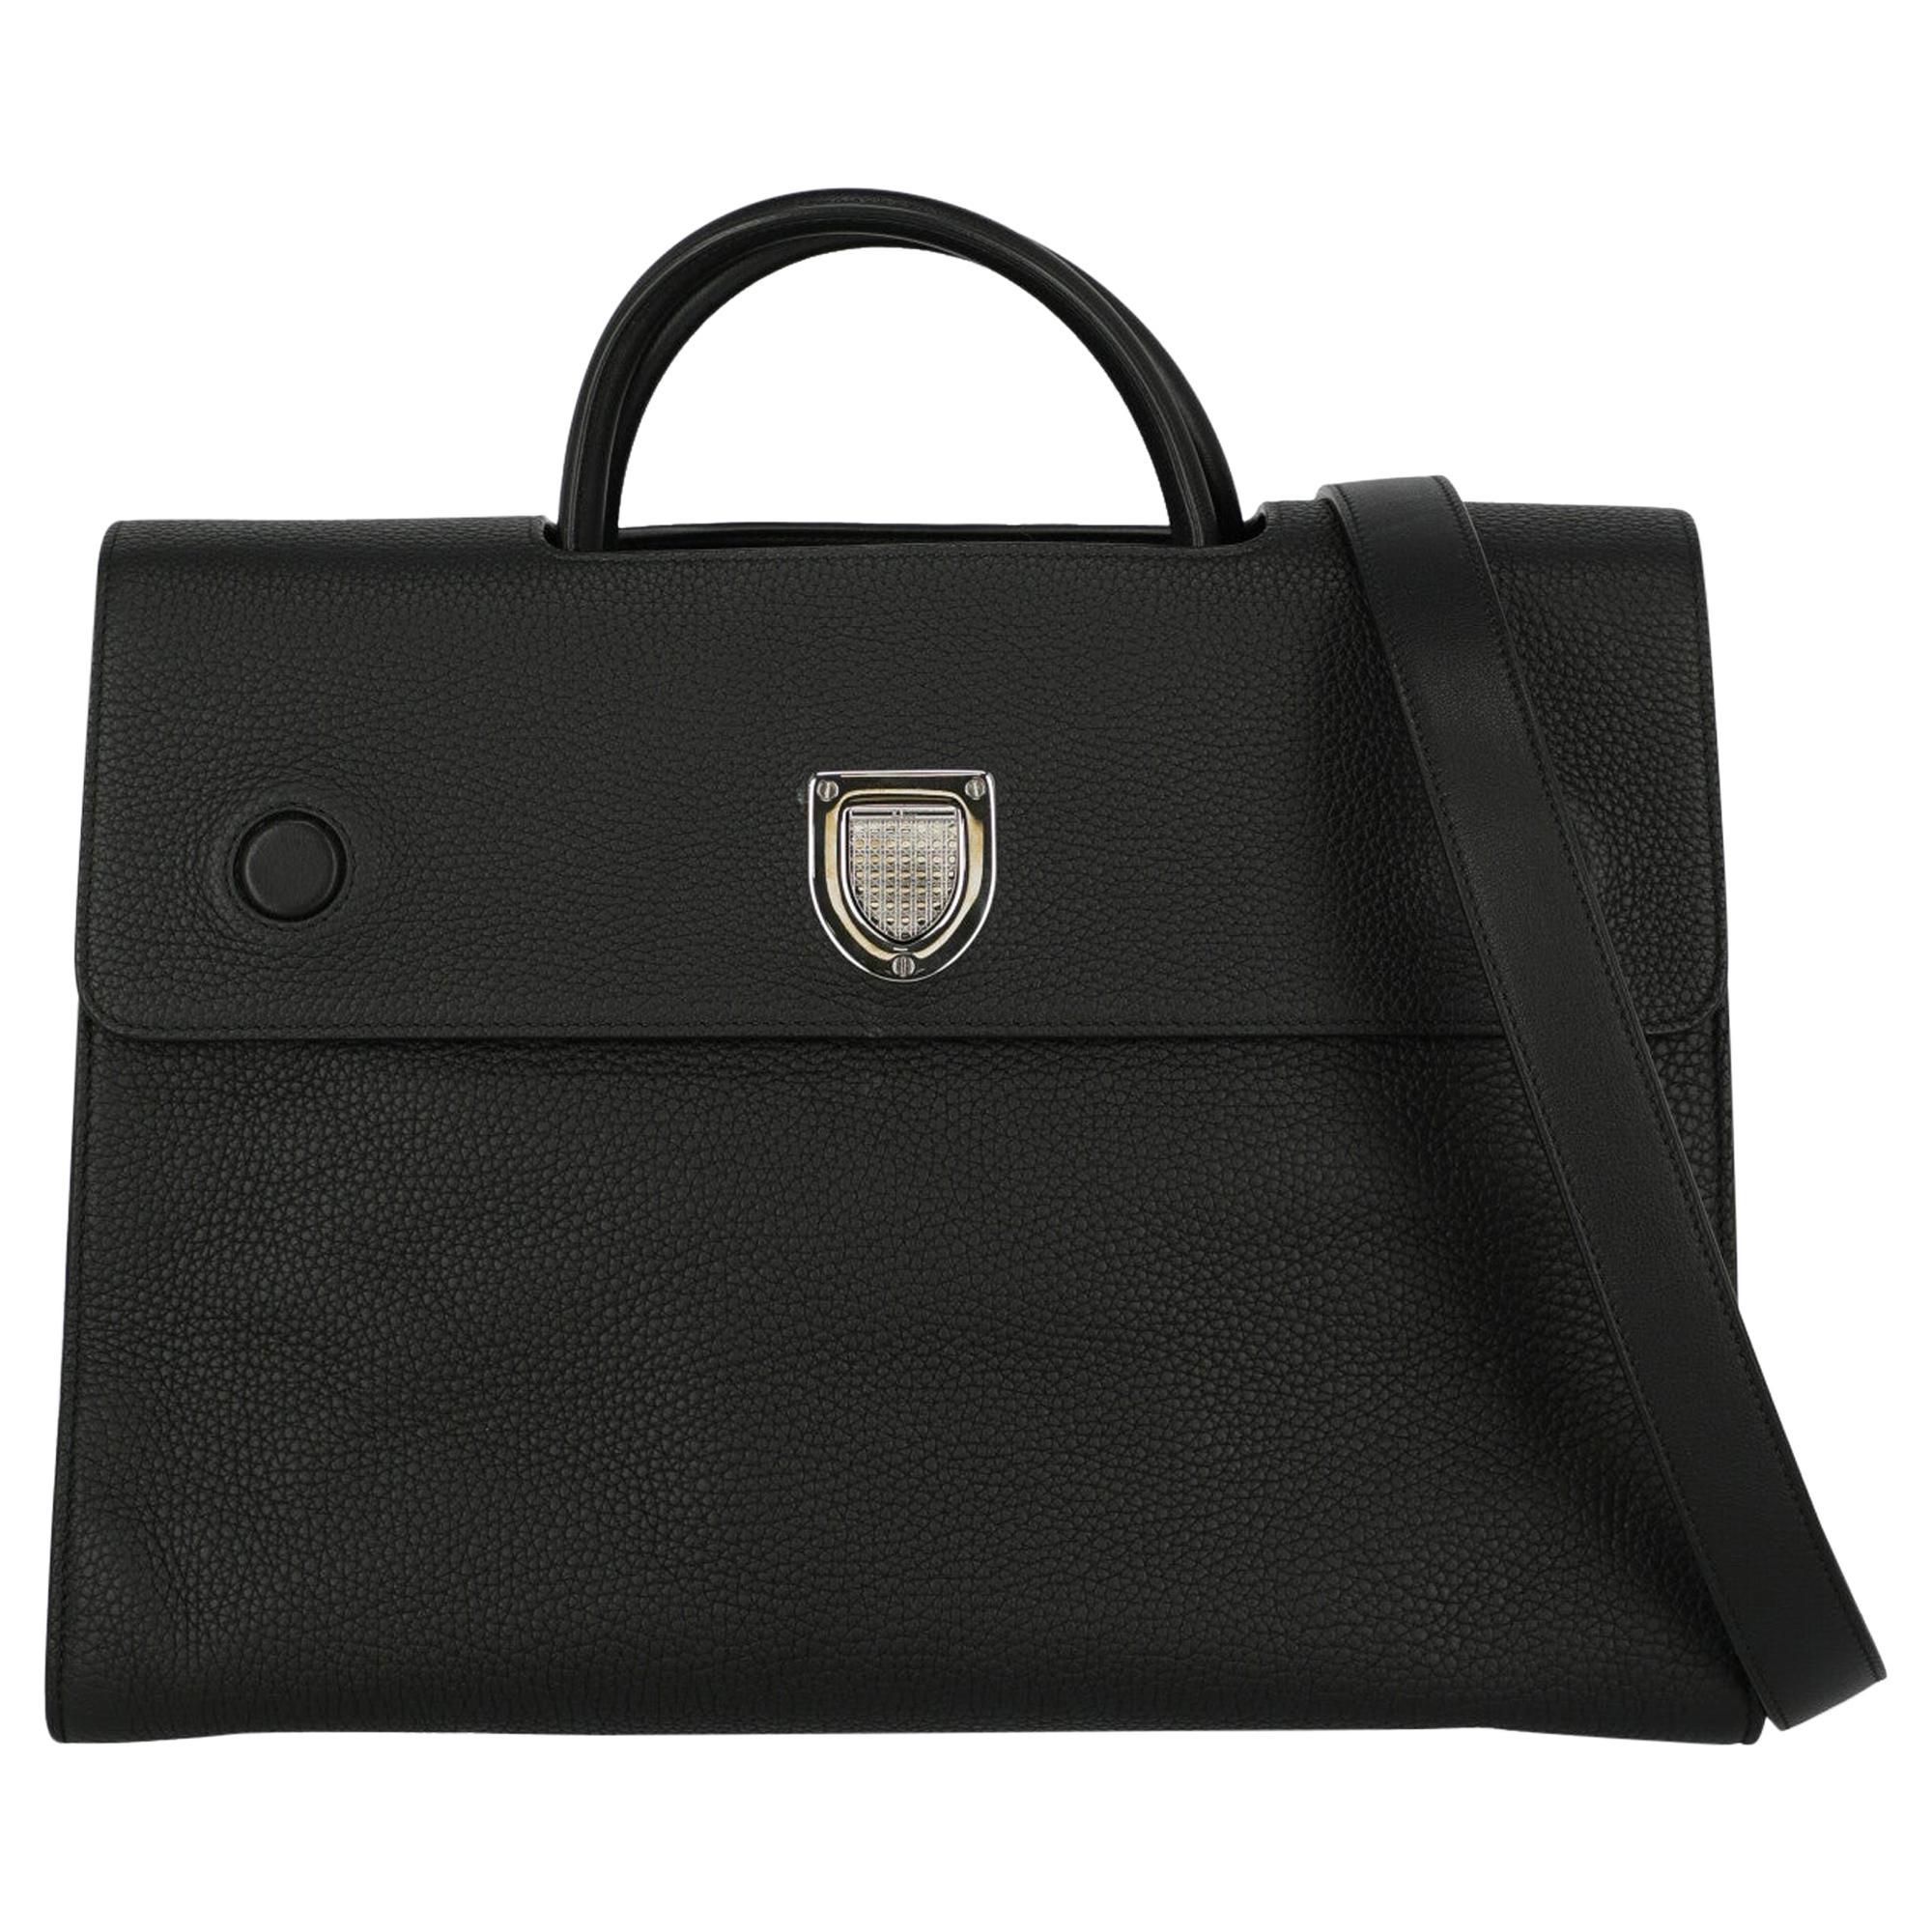 Dior Women's Diorever Black Leather